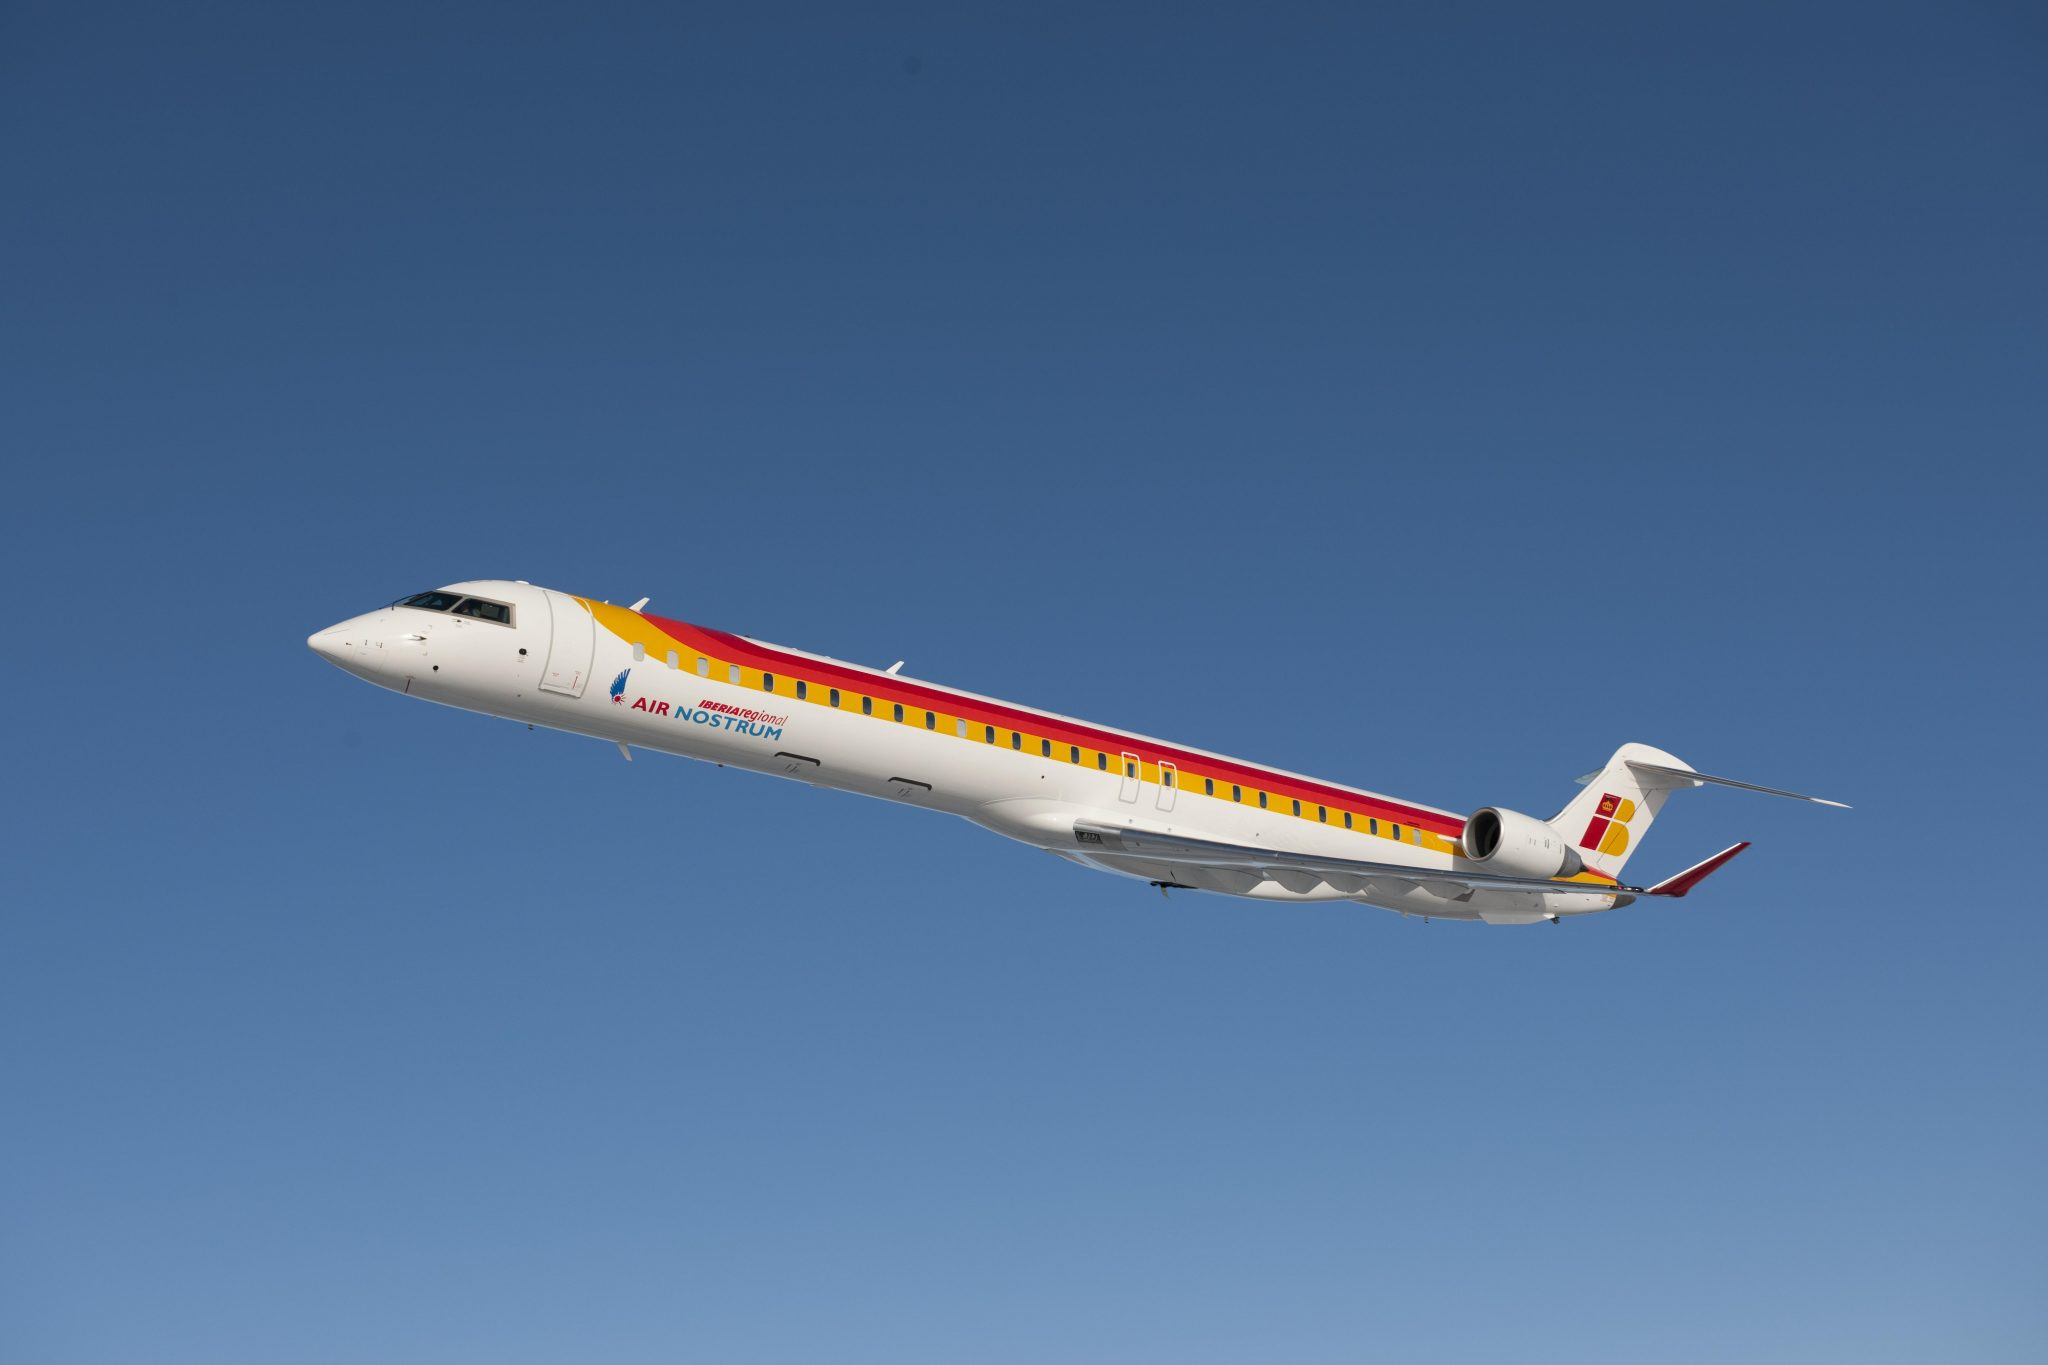 Air Nostrum, premio a la mejor aerolínea regional europea del año